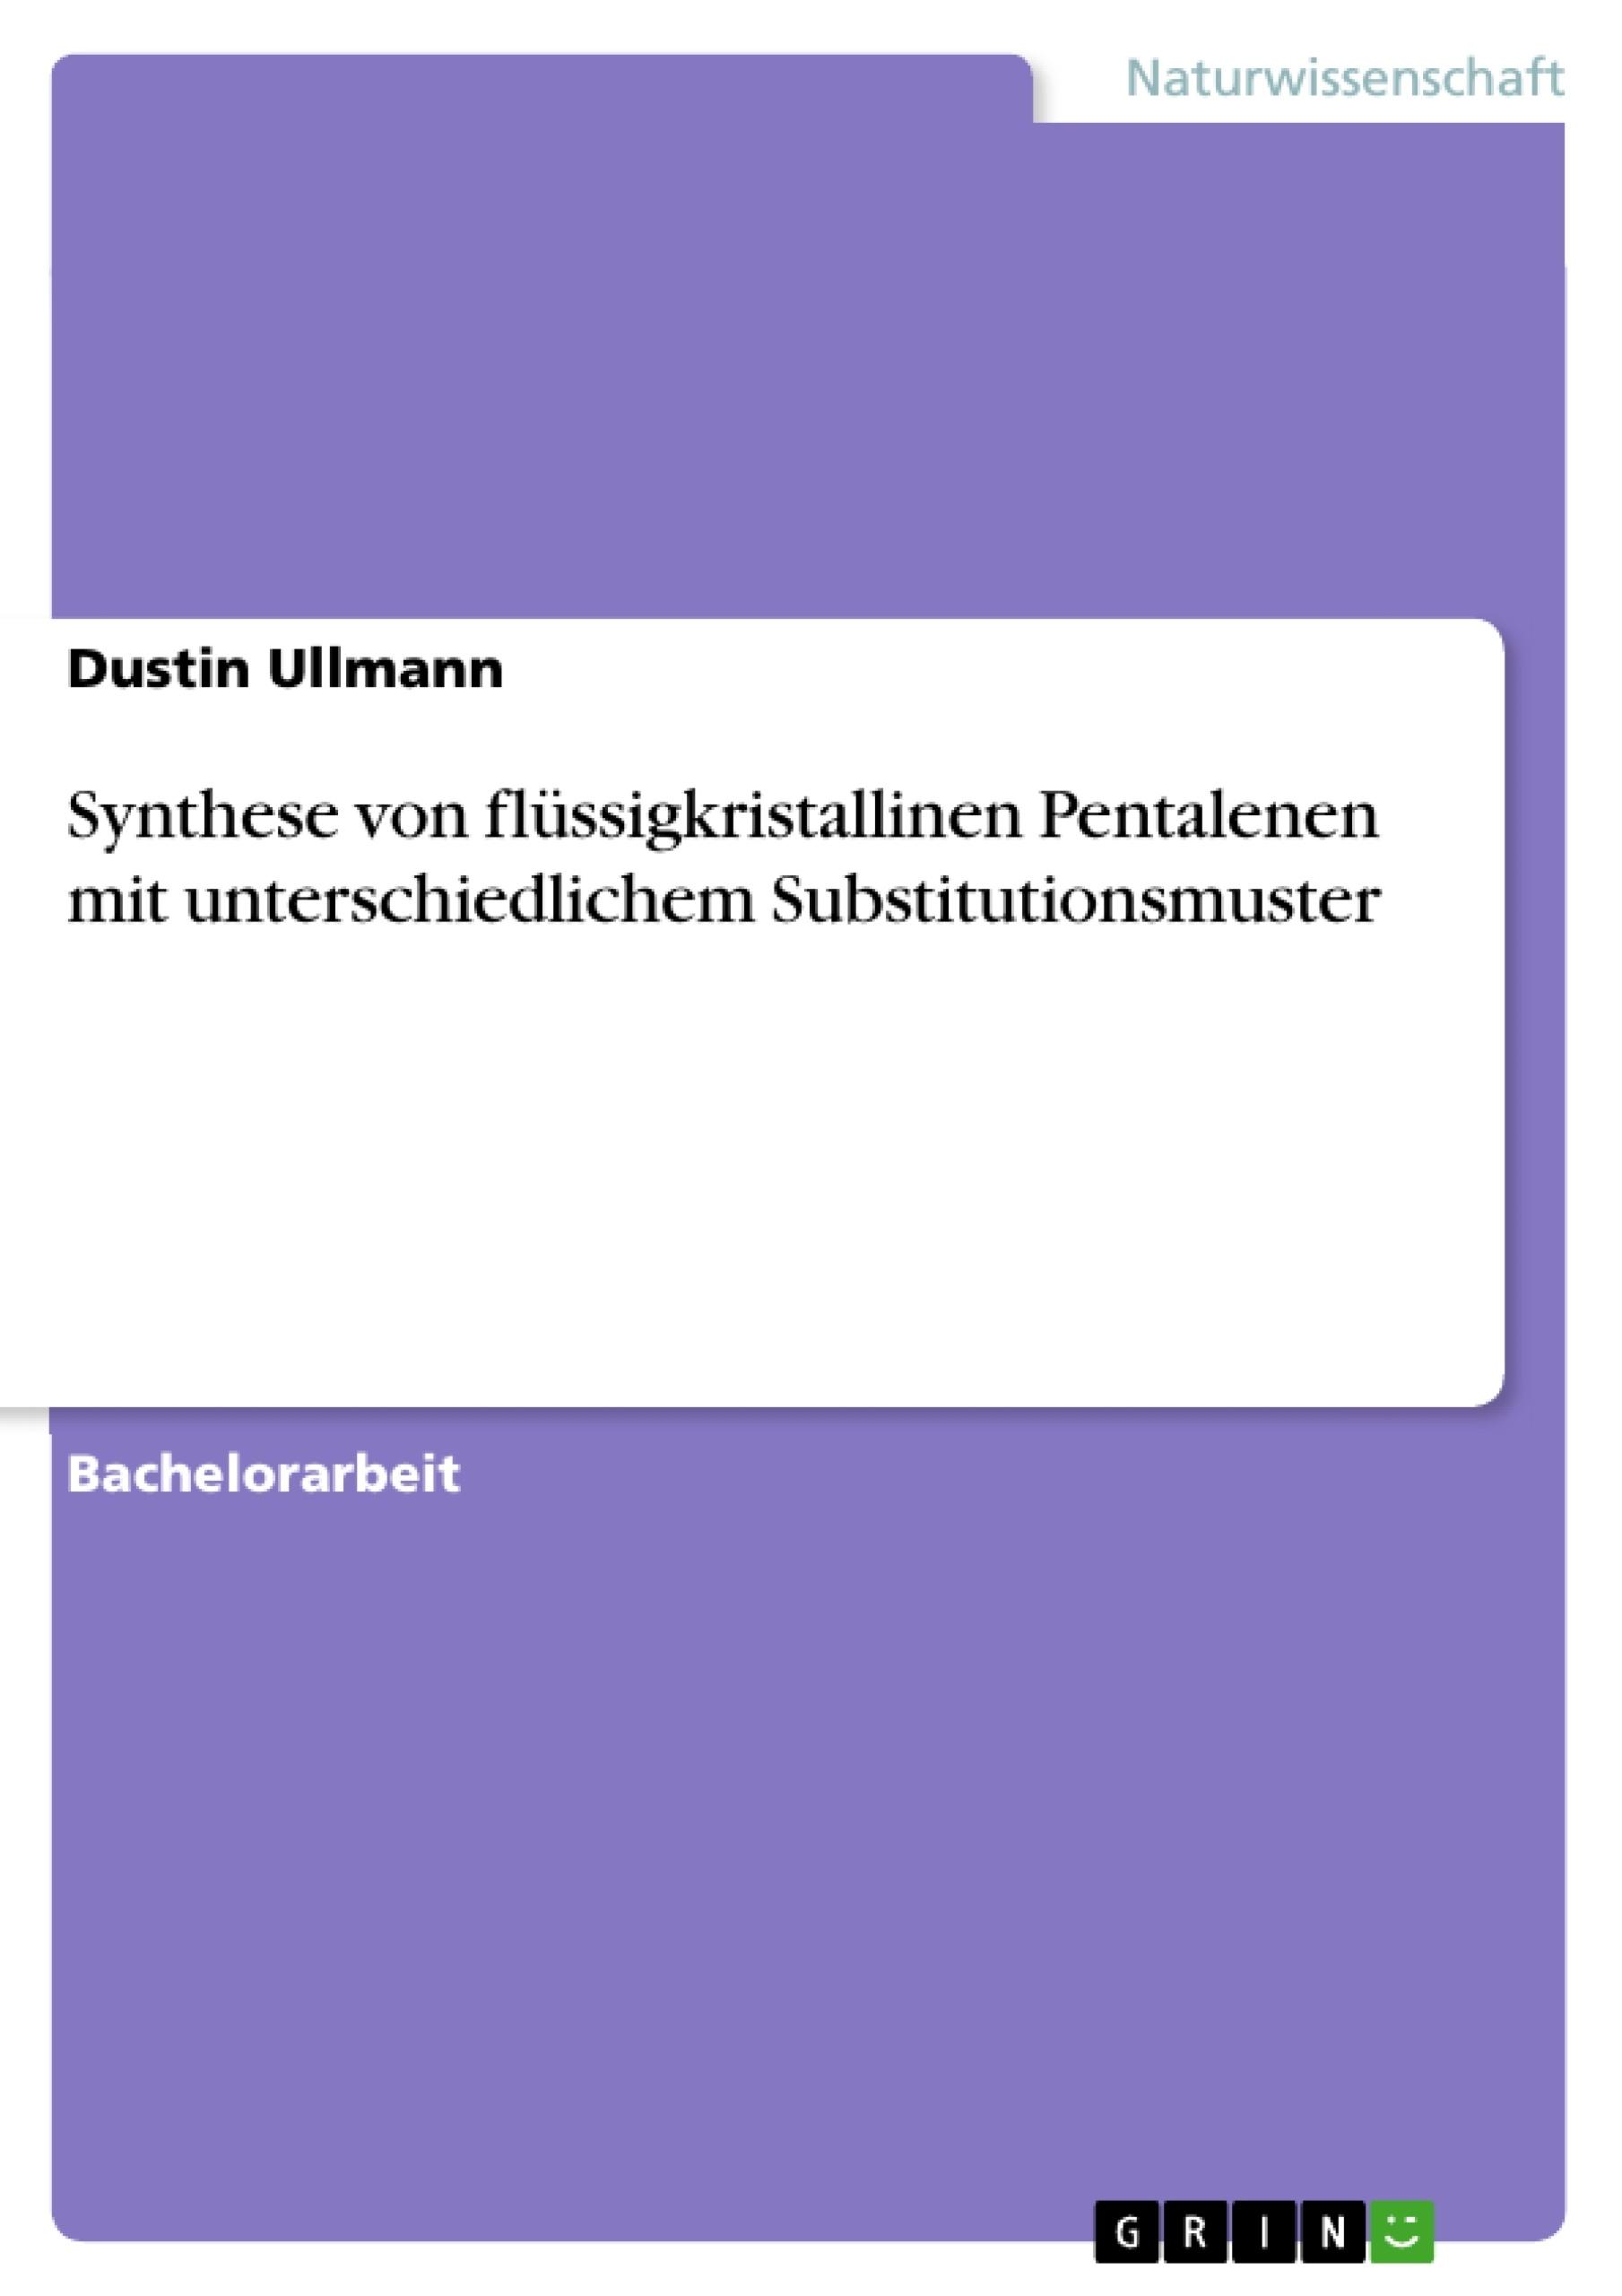 Titel: Synthese von flüssigkristallinen Pentalenen mit unterschiedlichem Substitutionsmuster